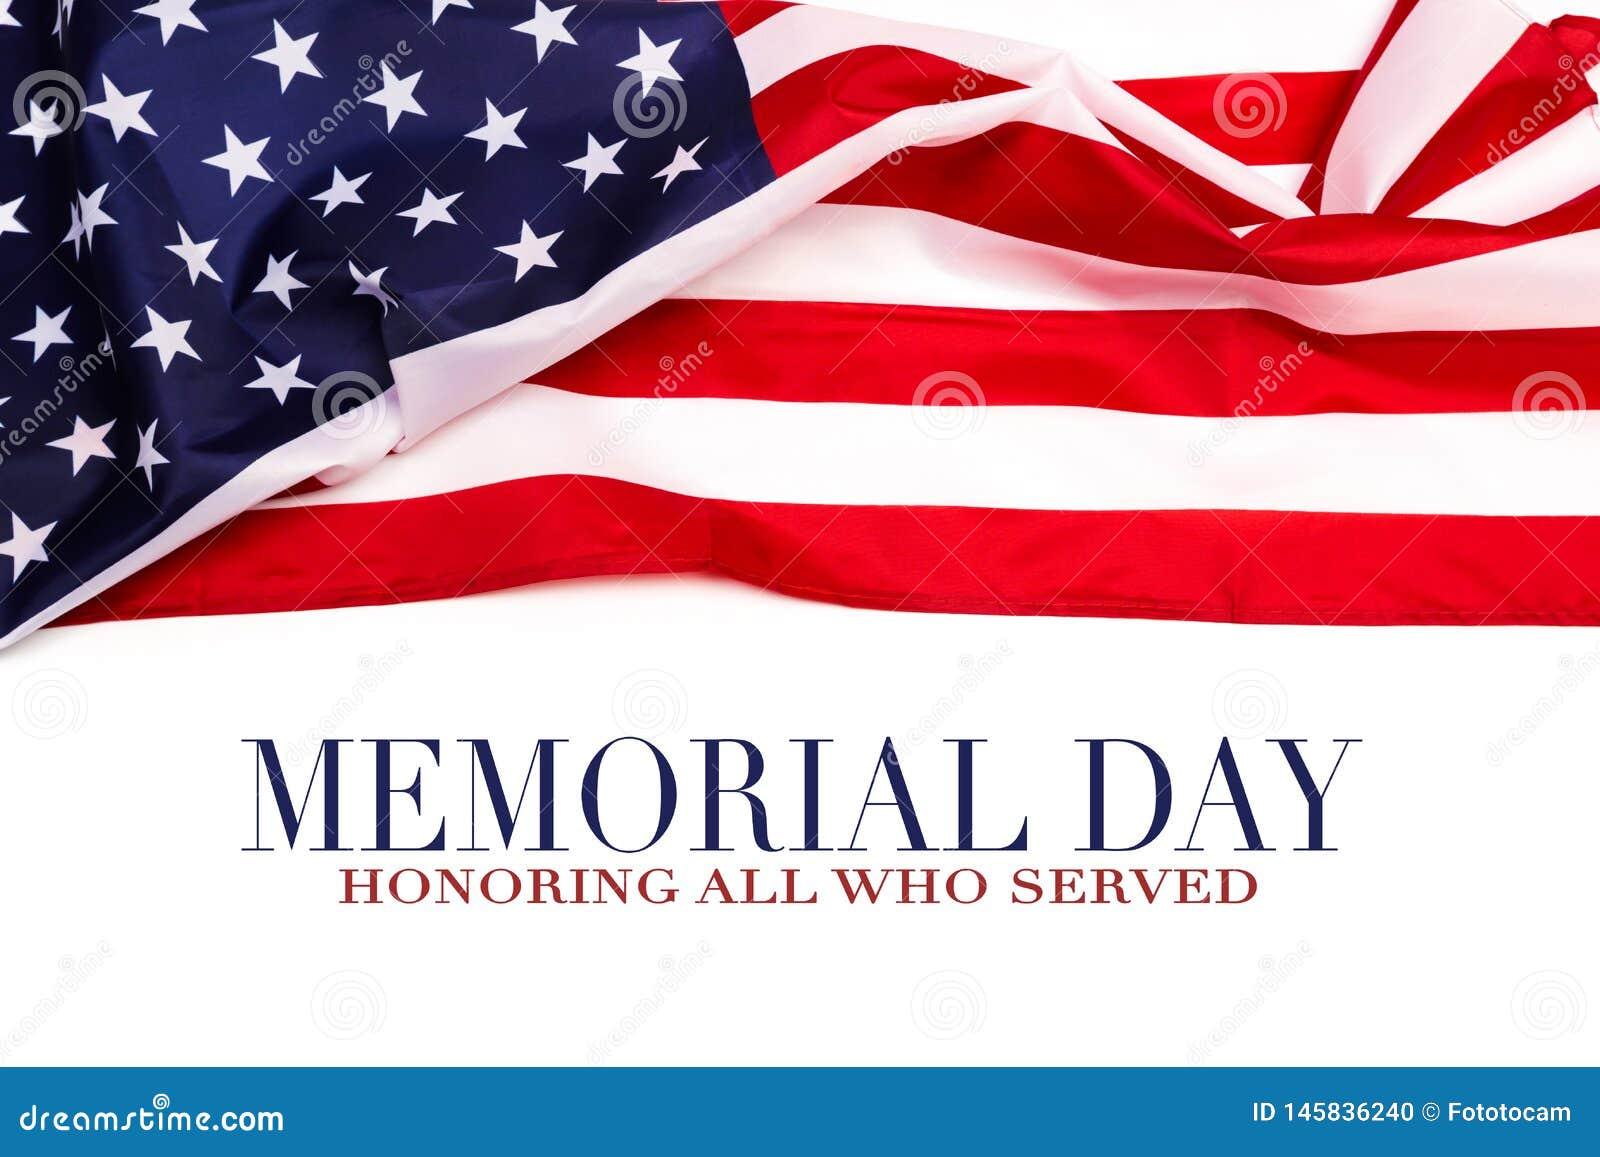 Texto Memorial Day en fondo de la bandera americana